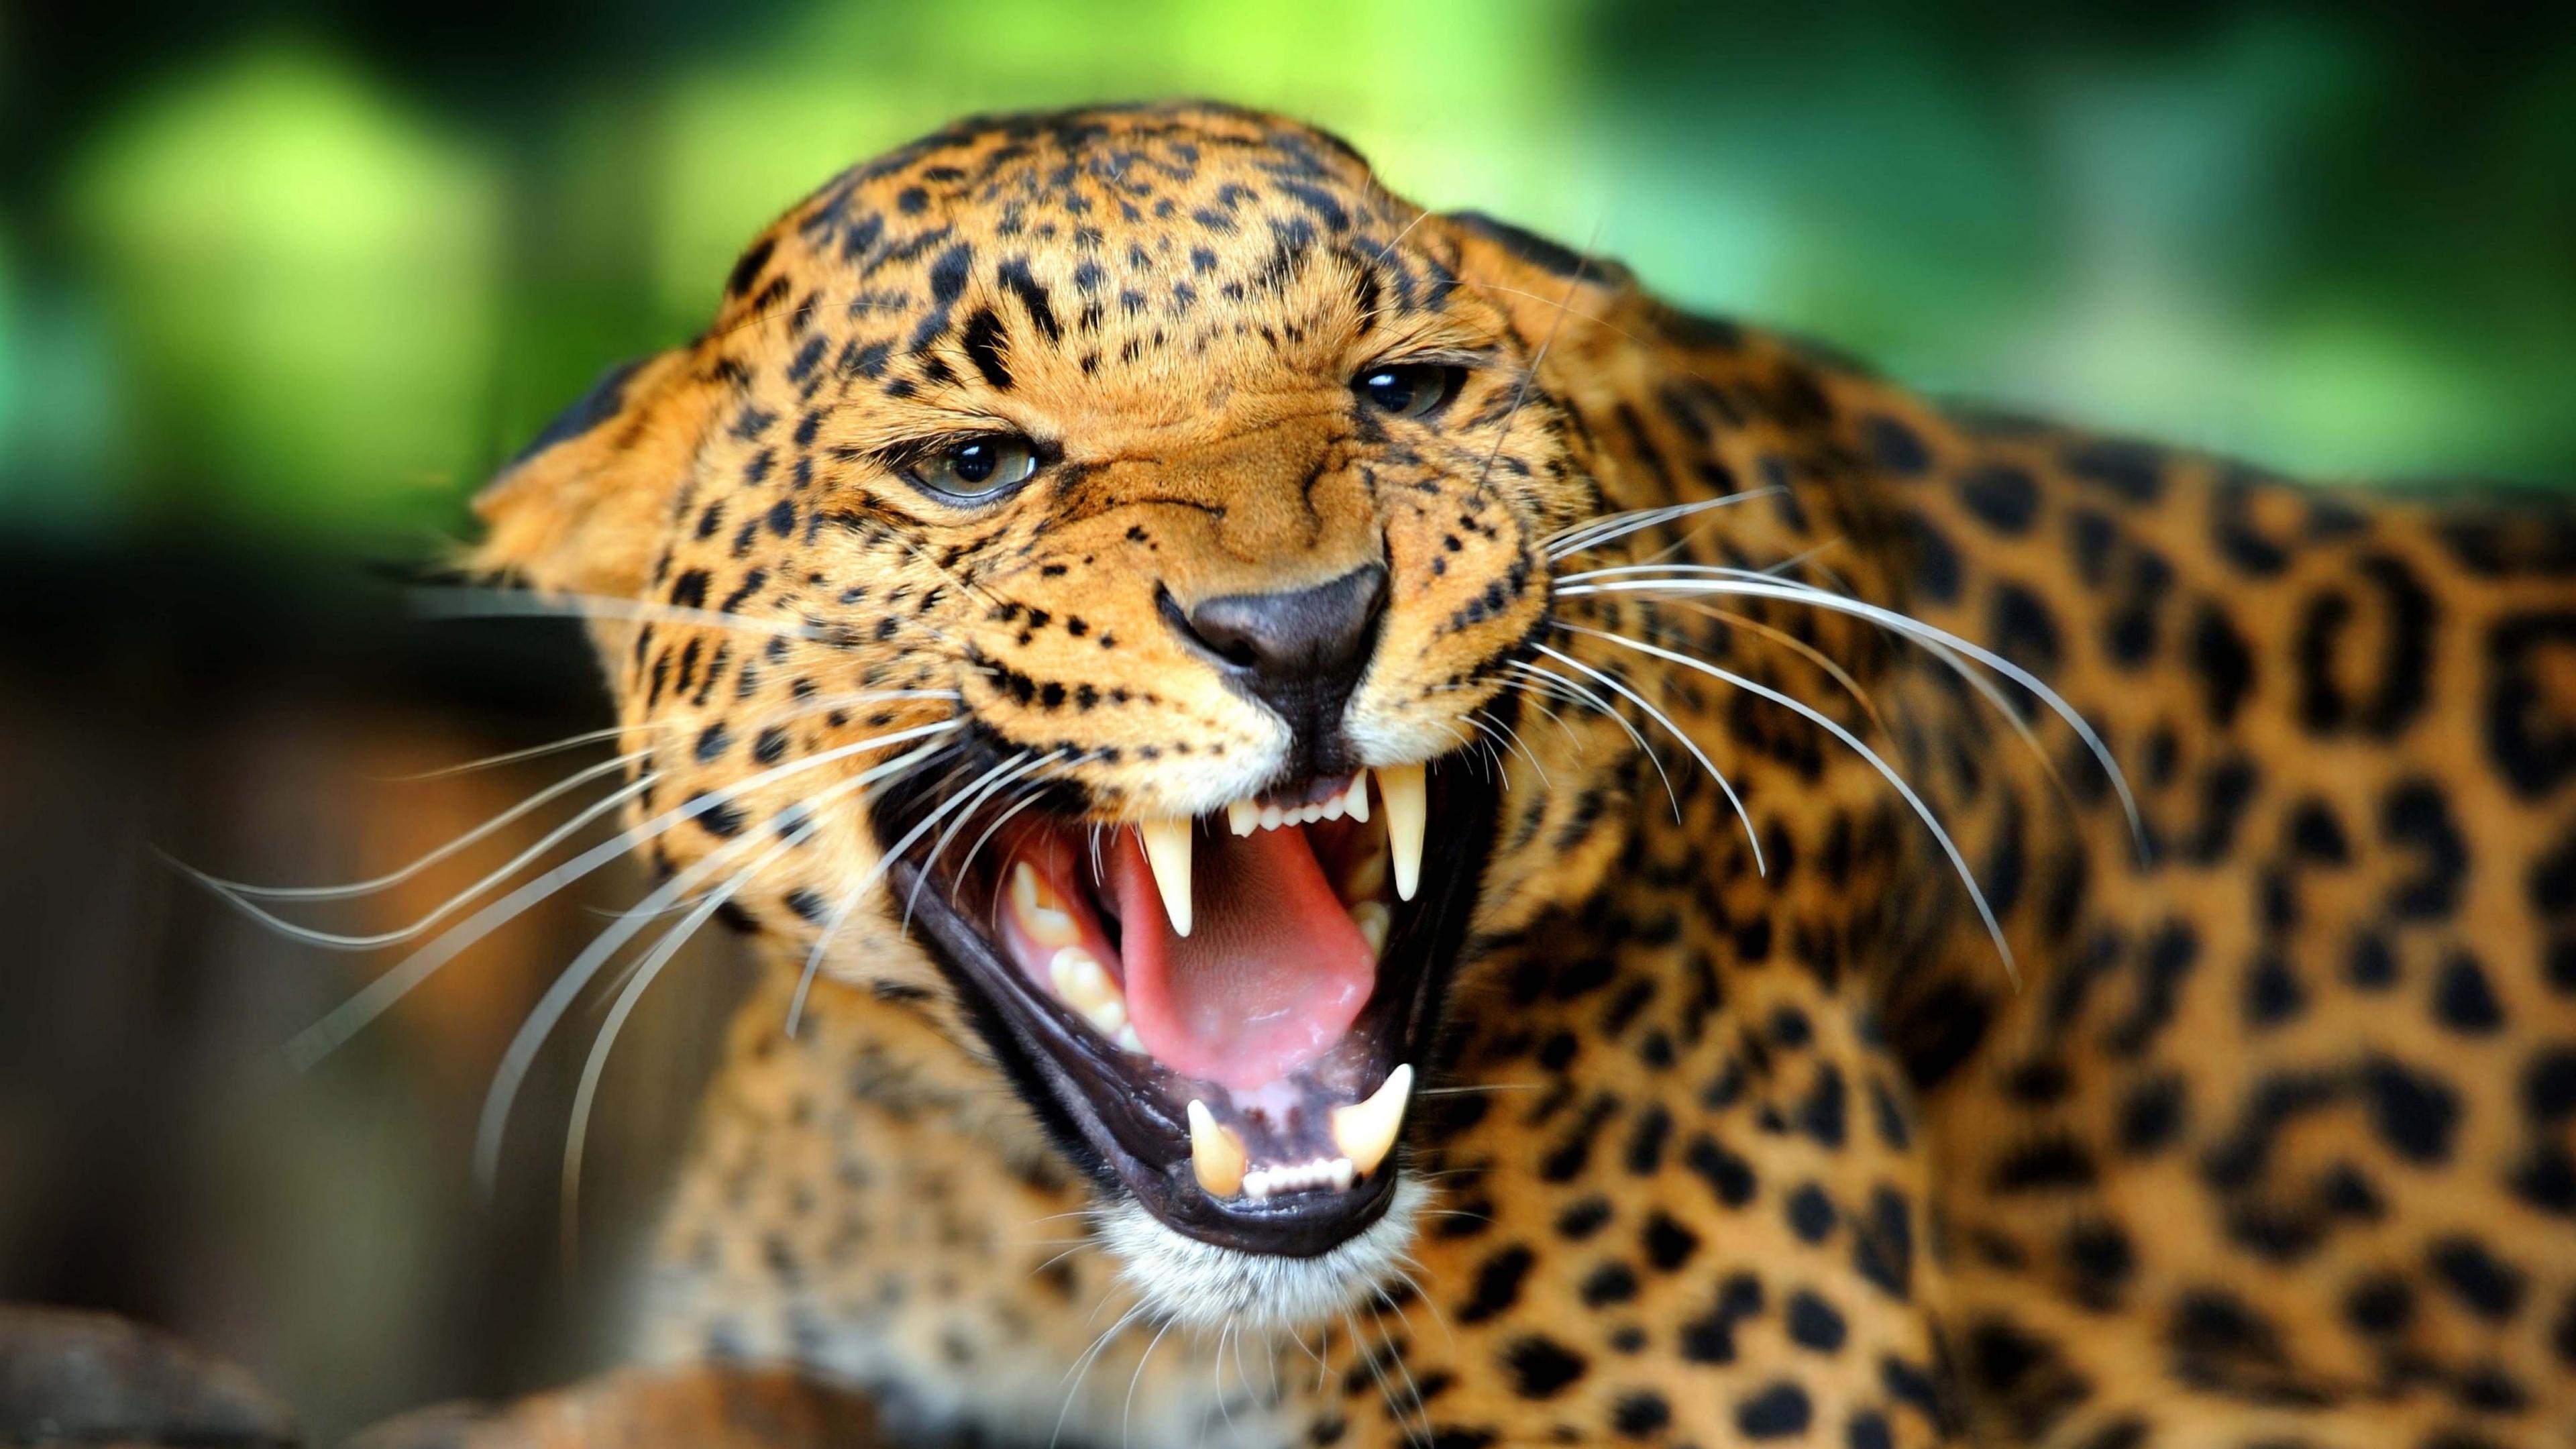 leopard 4k imgpile. Black Bedroom Furniture Sets. Home Design Ideas